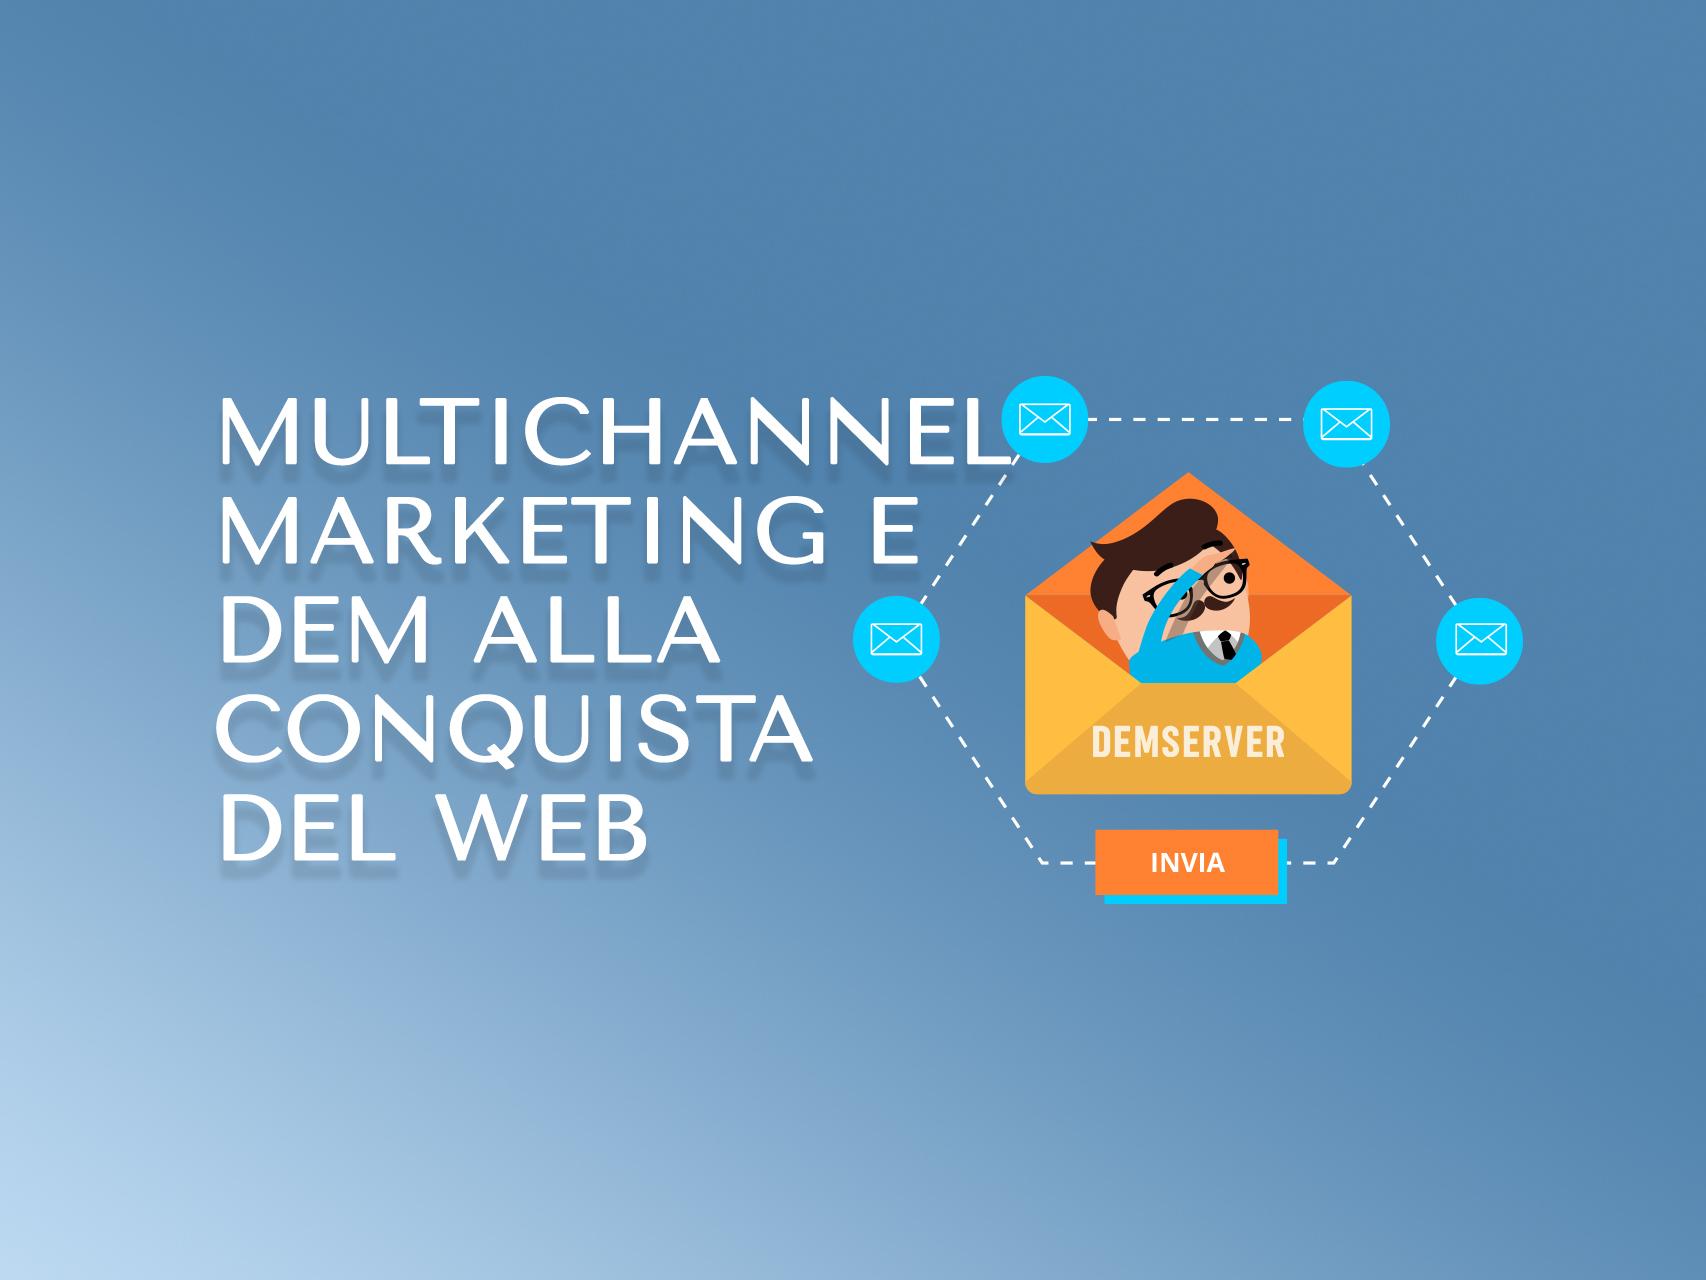 Multichannel Marketing e Dem alla conquista del web